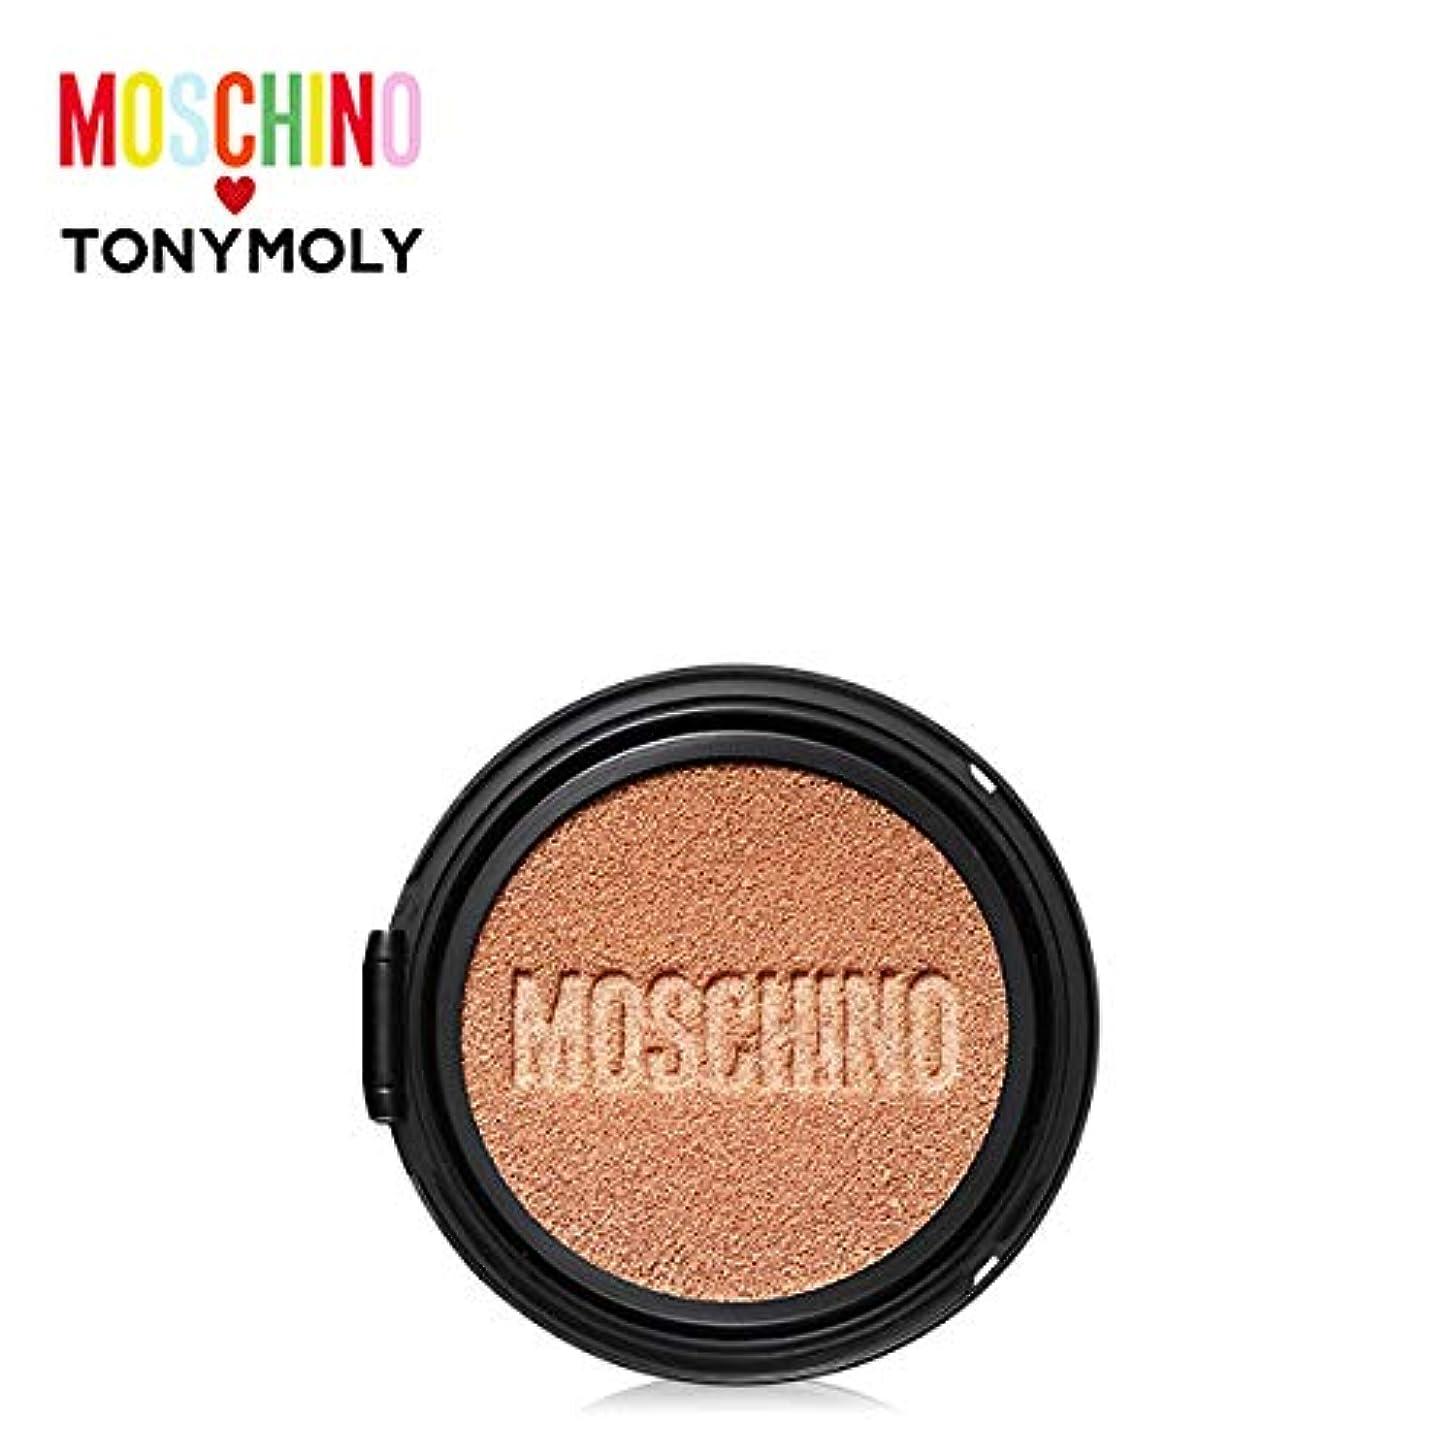 スキッパーソフィー読書をするTONYMOLY [MOSCHINO Edition] Gold Edition Chic Skin Cushion -Refill #01 CHIC VANILLA トニーモリー [モスキーノ] ゴールドエディション...